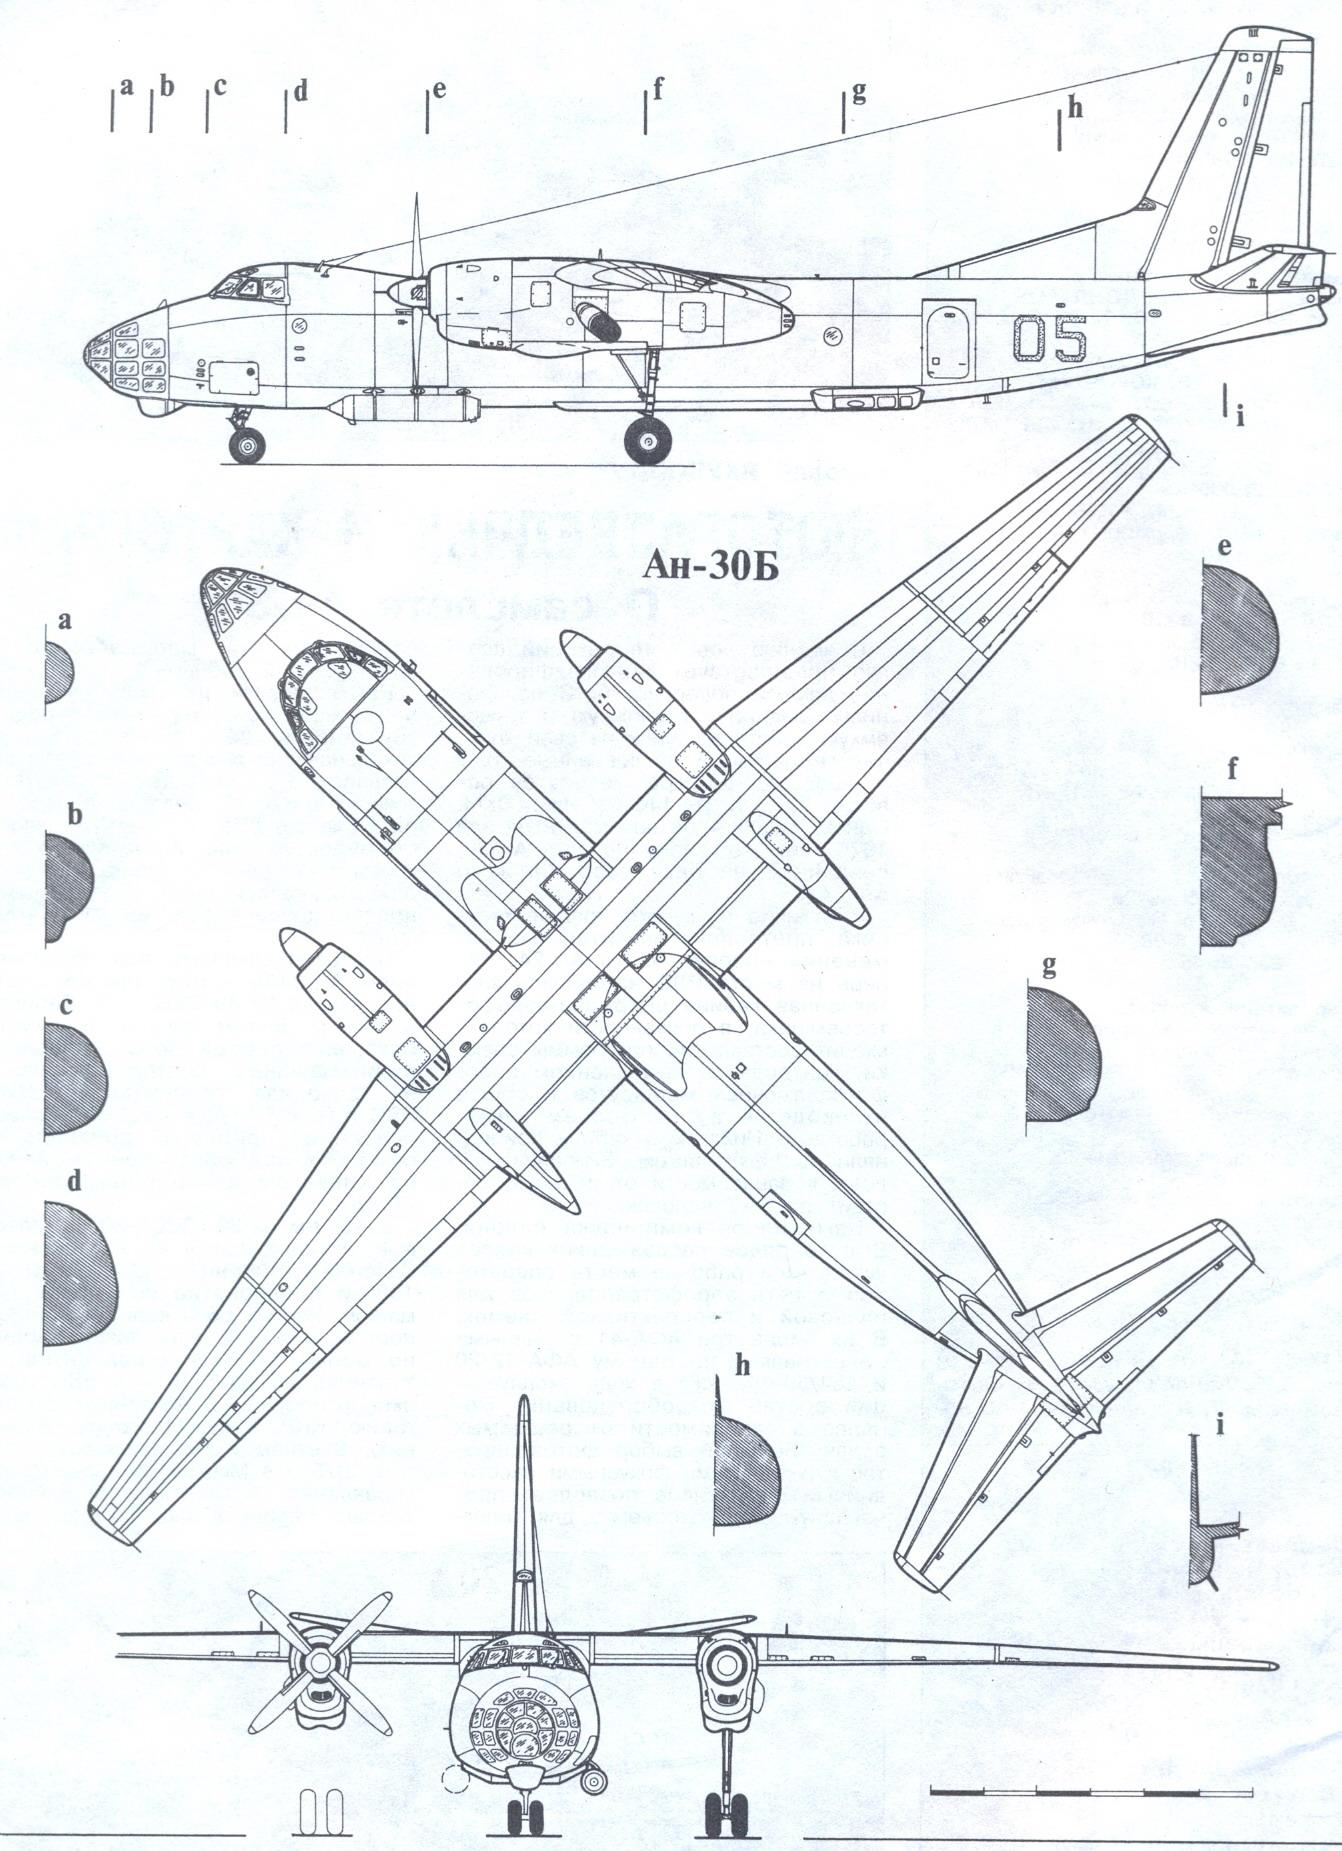 An-30 blueprint